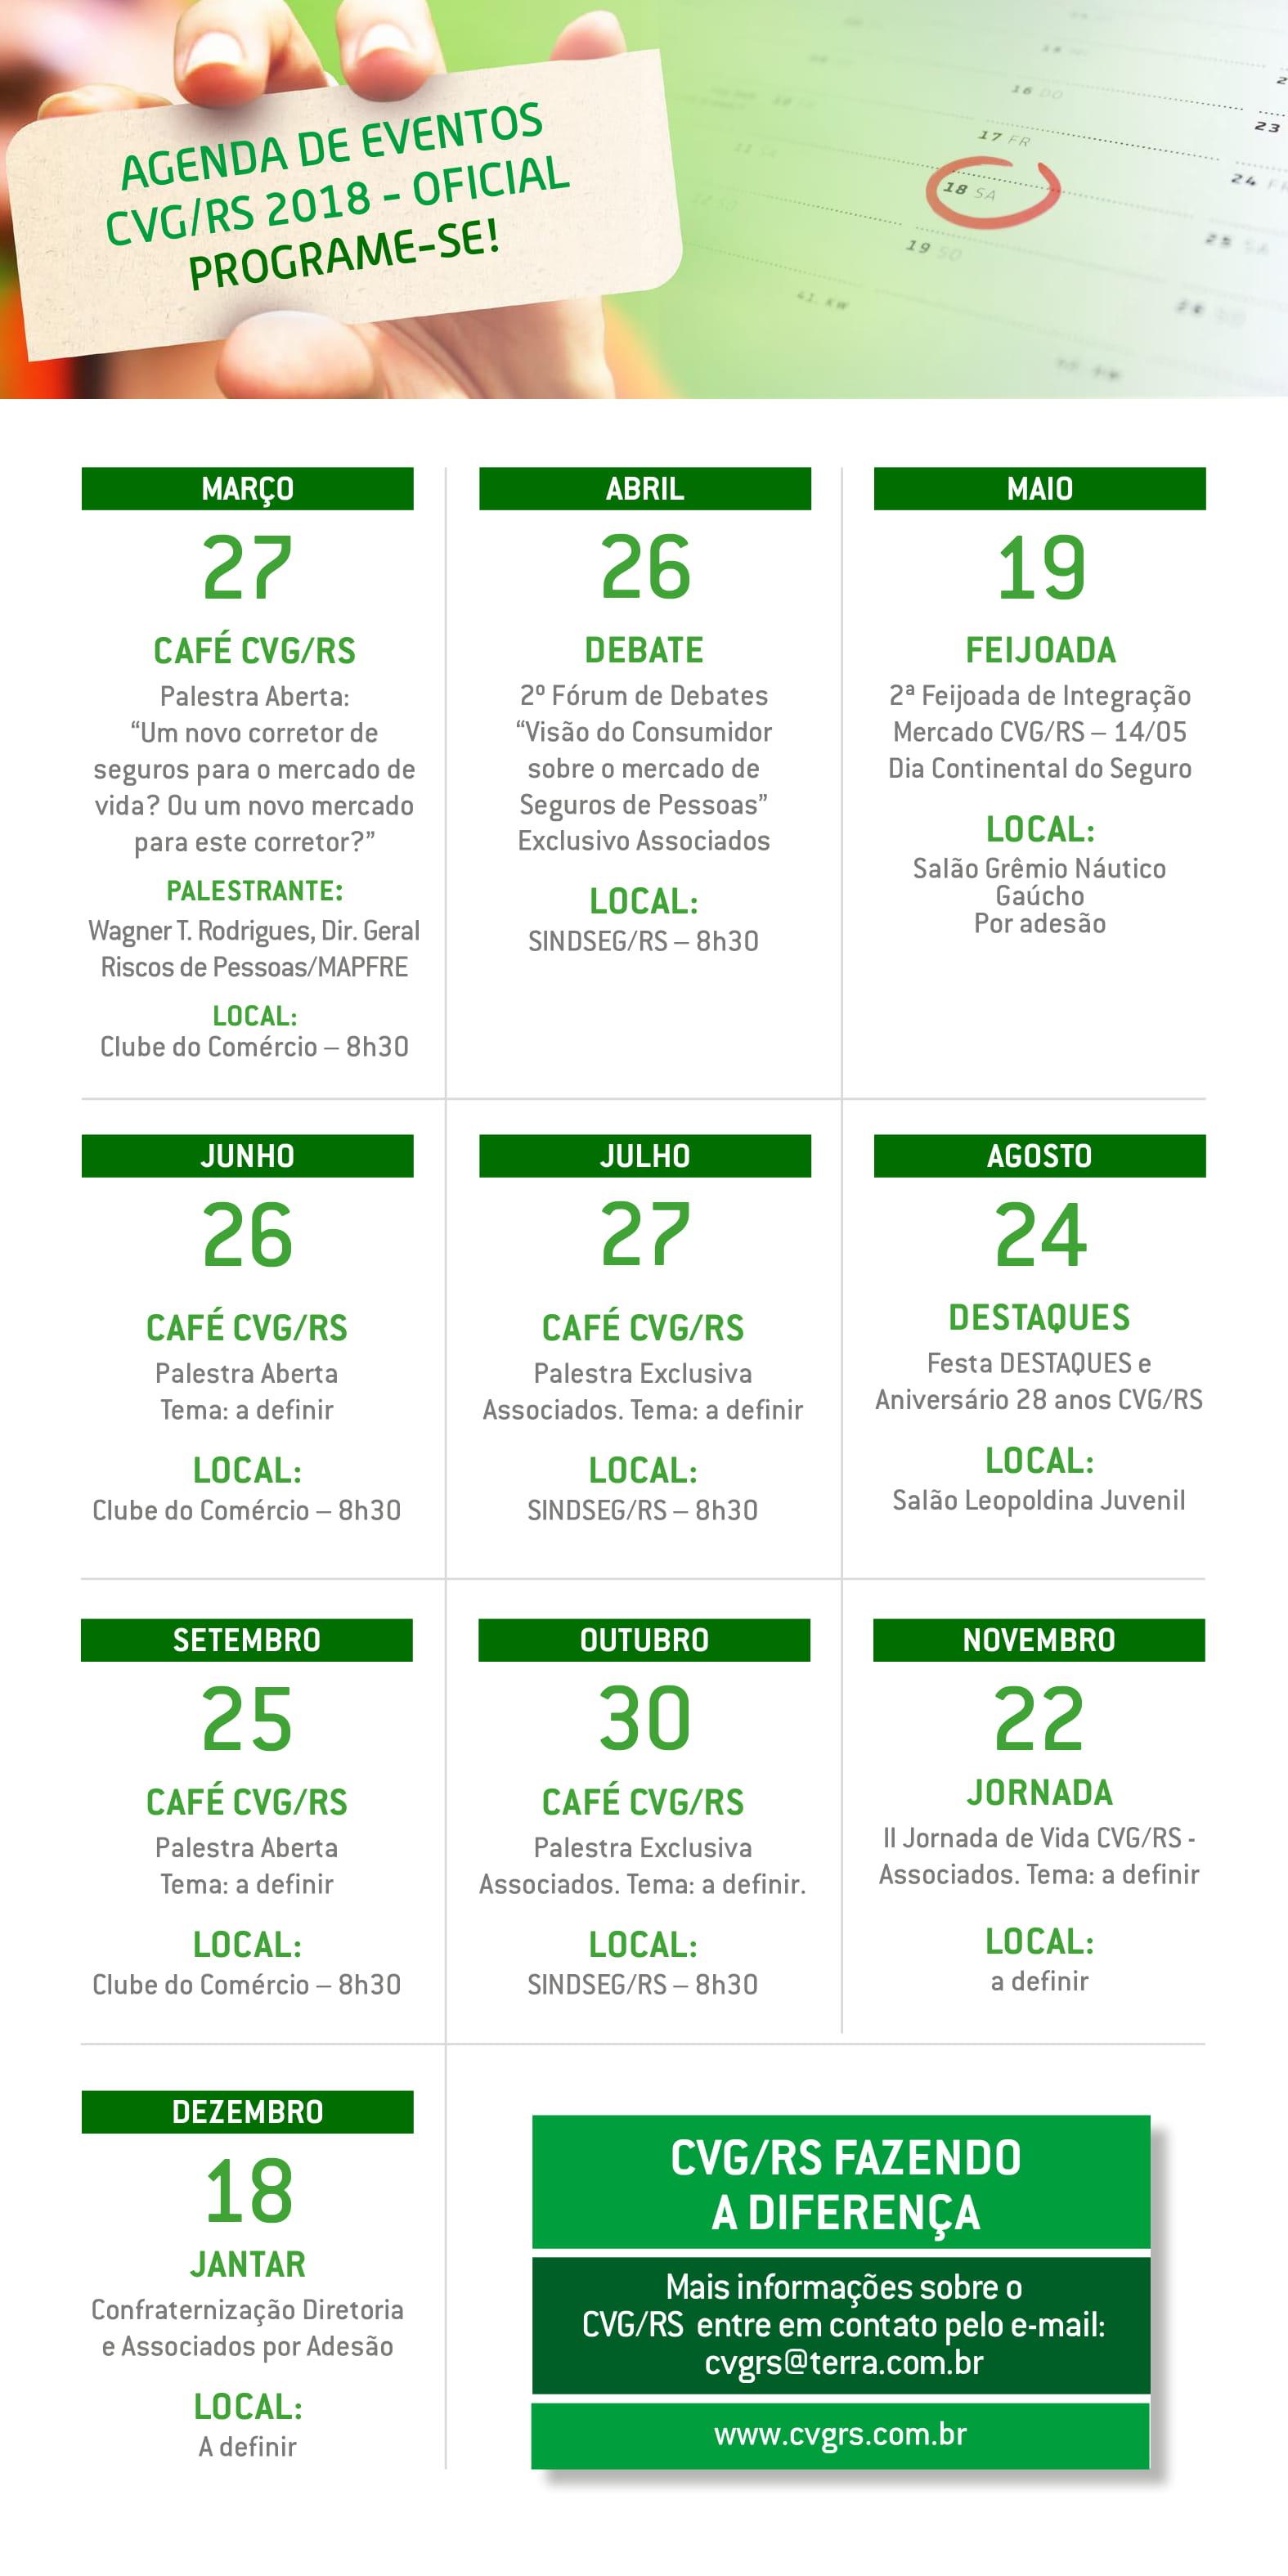 Agenda Eventos CVG/RS 2018